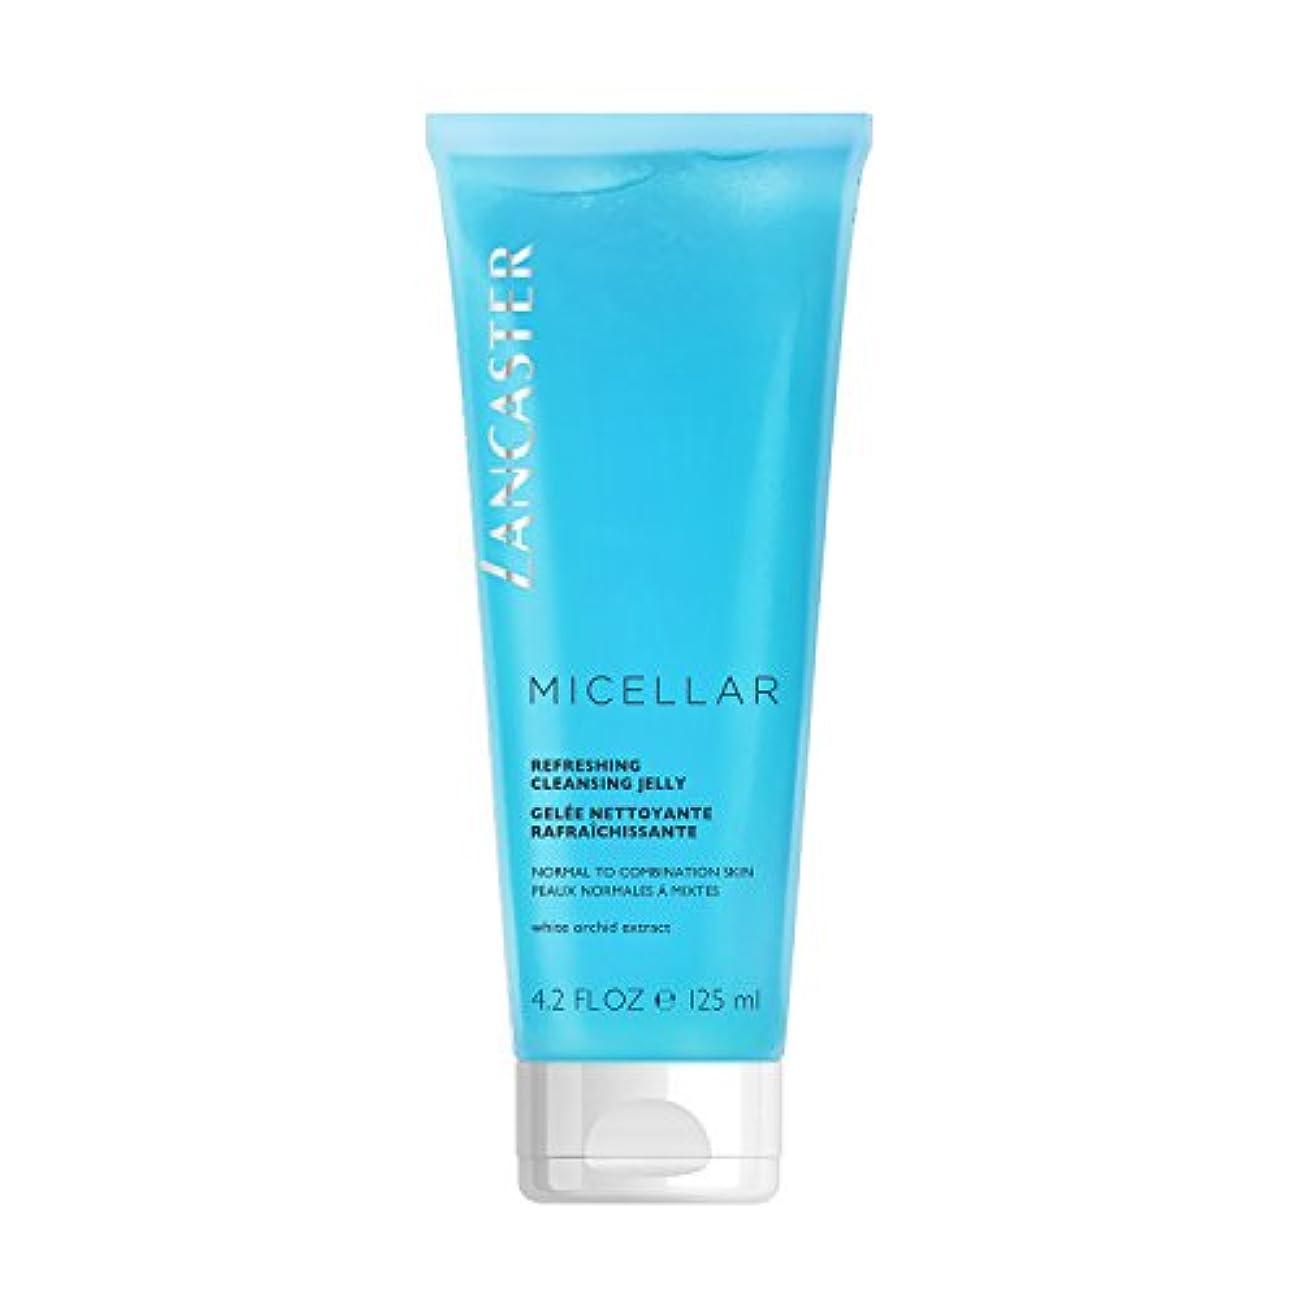 町毒液しなやかなランカスター Micellar Refreshing Cleansing Jelly - Normal to Combination Skin, Including Sensitive Skin 125ml/4.2oz並行輸入品